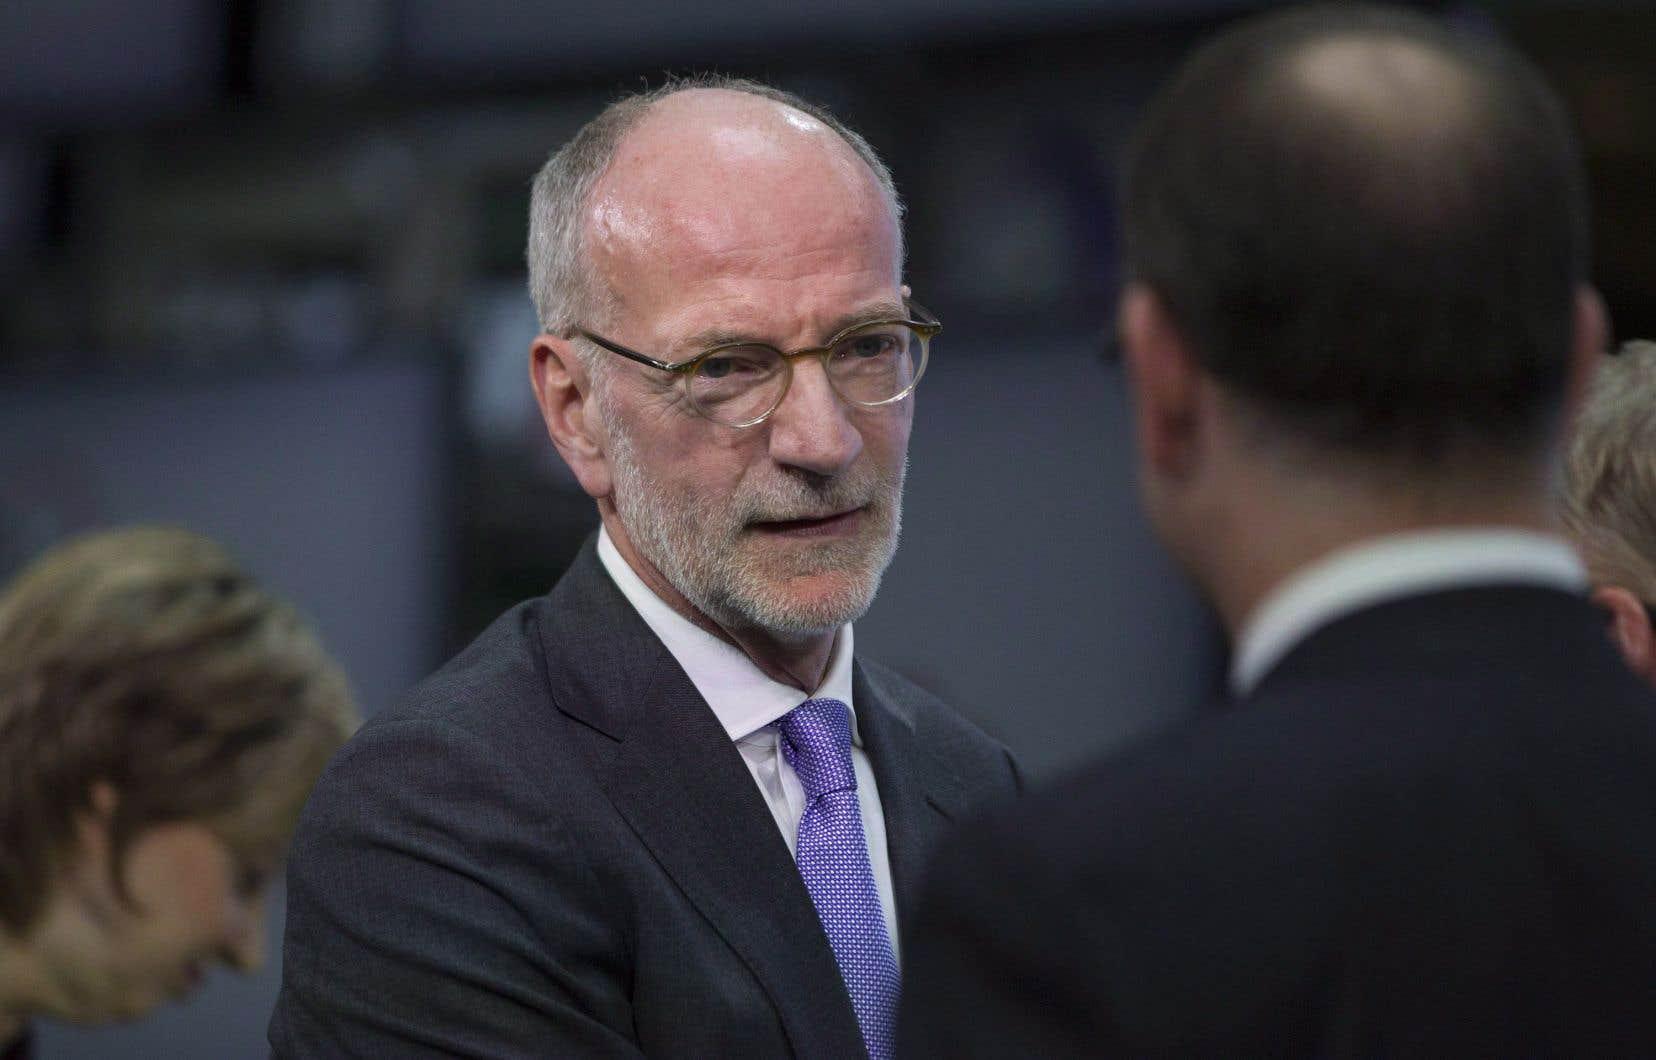 Le mandat de l'actuel président-directeur général de Radio-Canada, Hubert T. Lacroix, devait se terminer le 31 décembre.